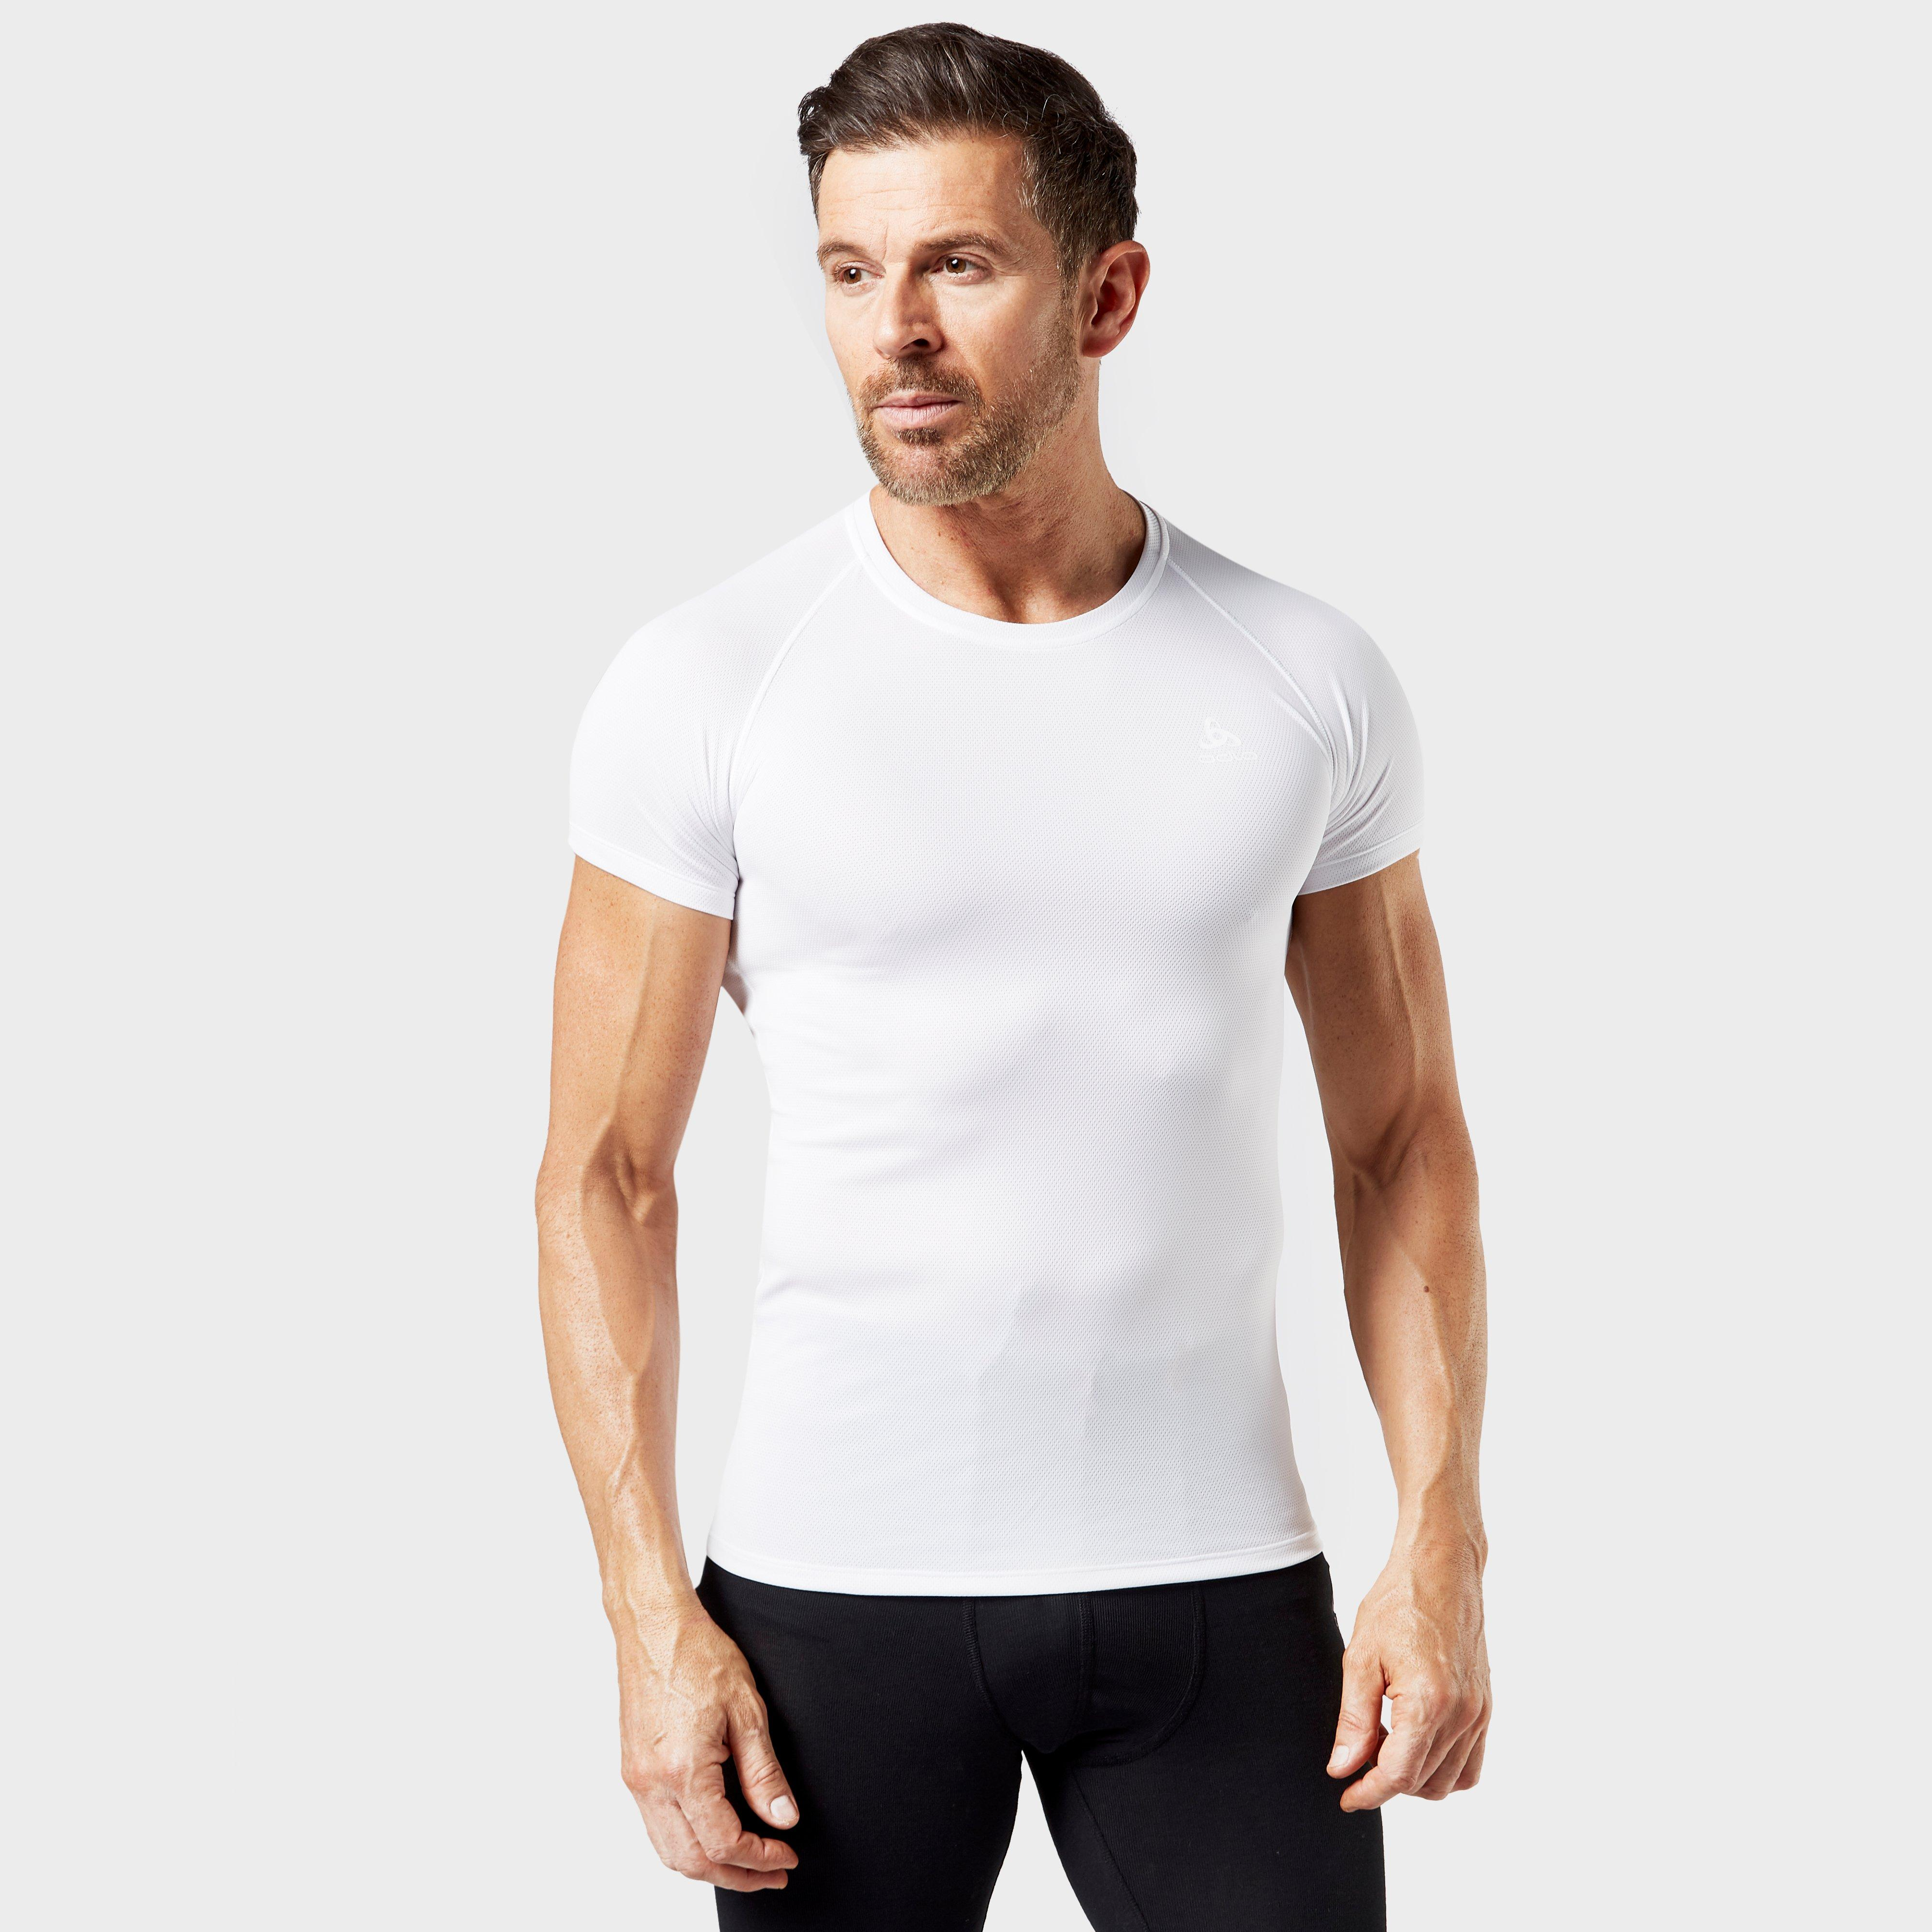 Odlo Odlo Mens Active Light Short Sleeve T-Shirt - White, White